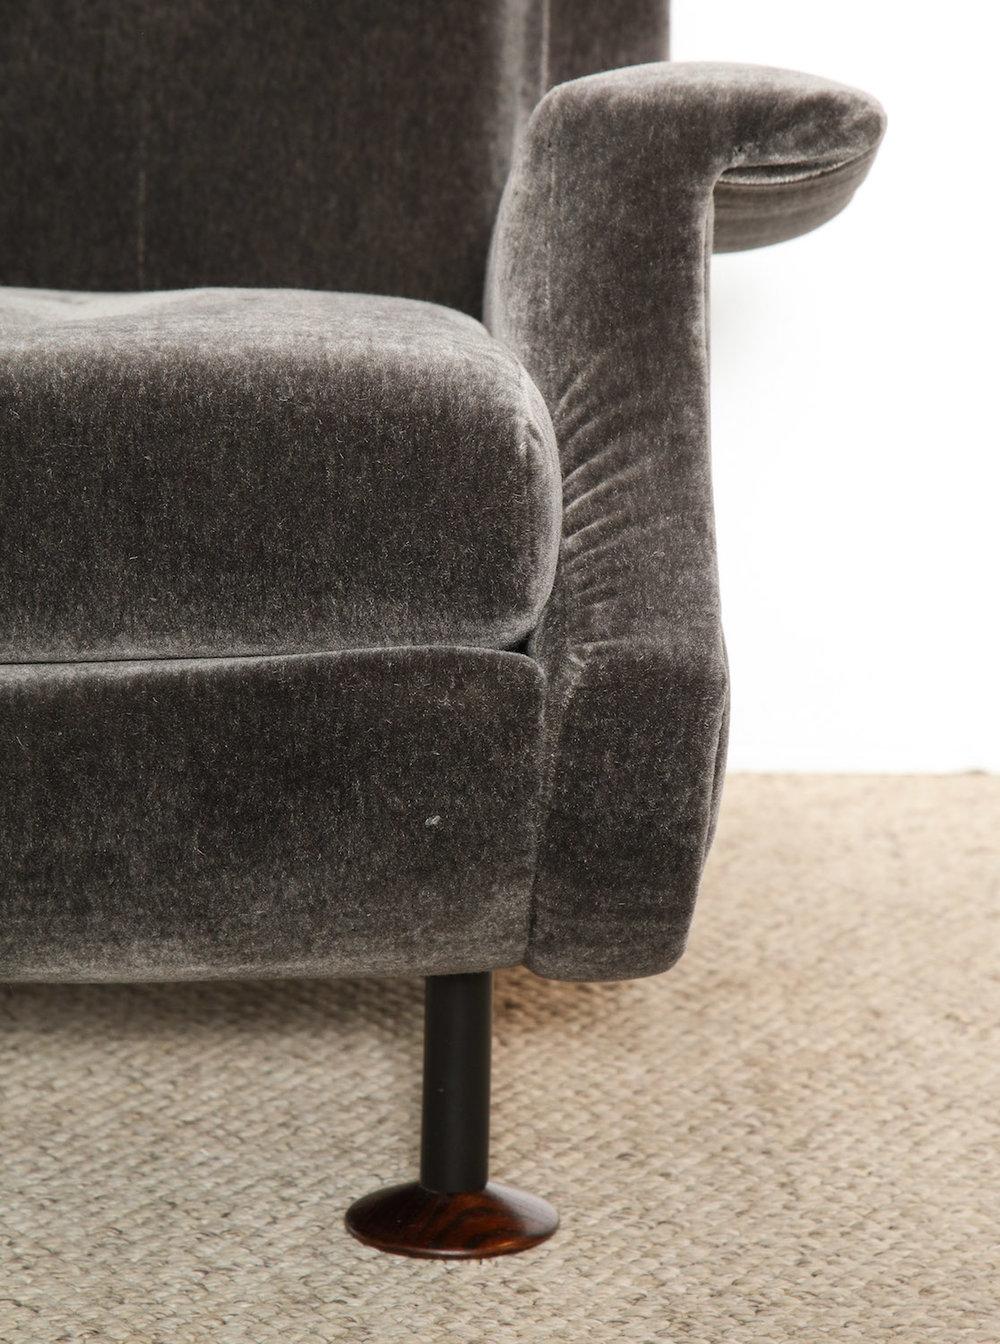 Zanuso Regent Chairs 8.jpg